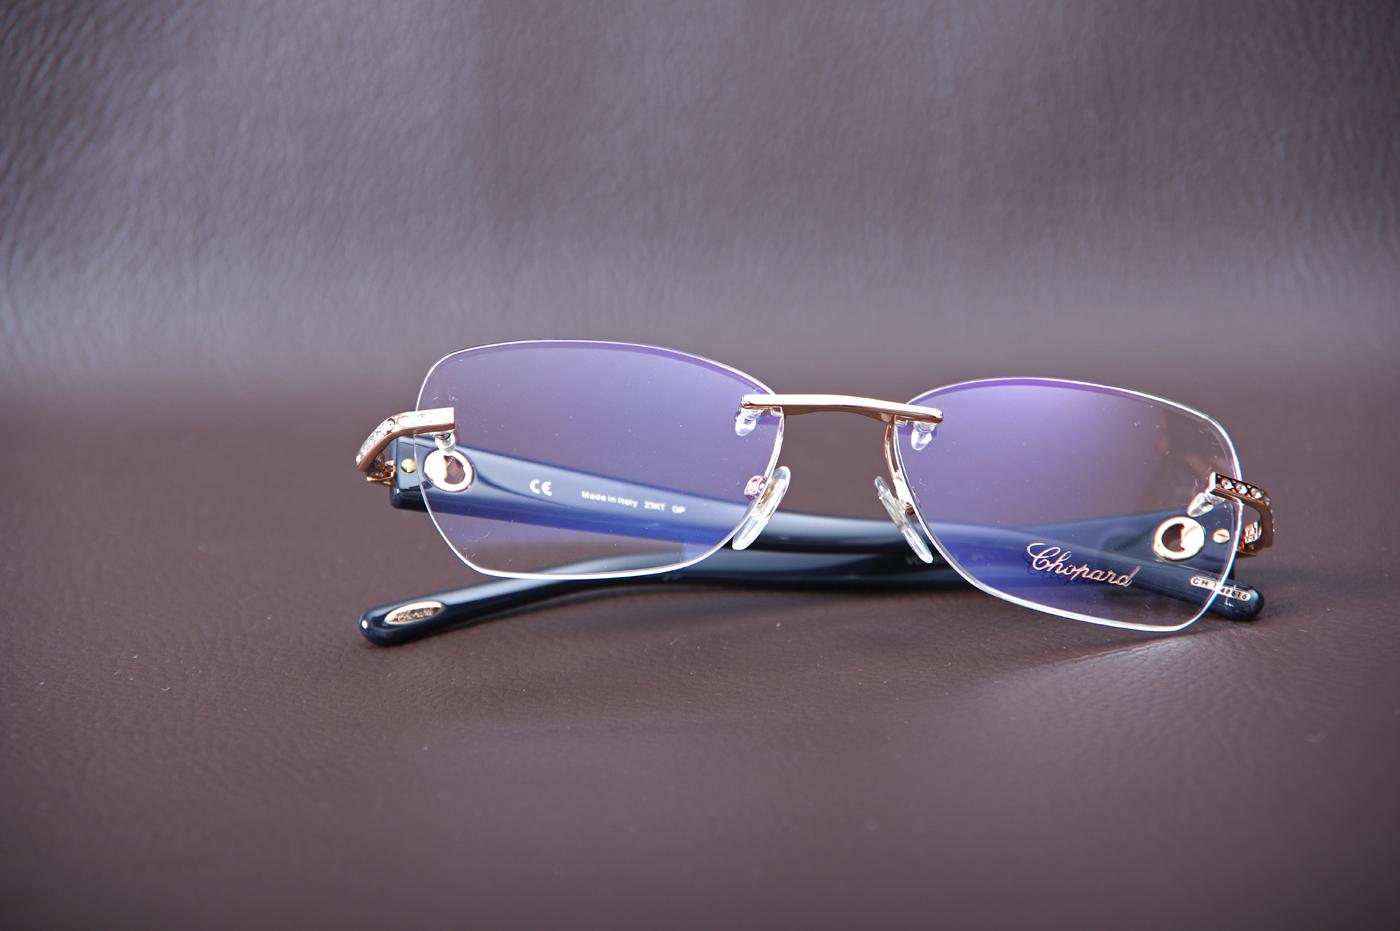 43d60b228e1af0 Pour Pour Pour 959s Vch Femme Bijoux De Vue Lunettes Opticien Opticien  Opticien Haut Chopard t0Ff1p